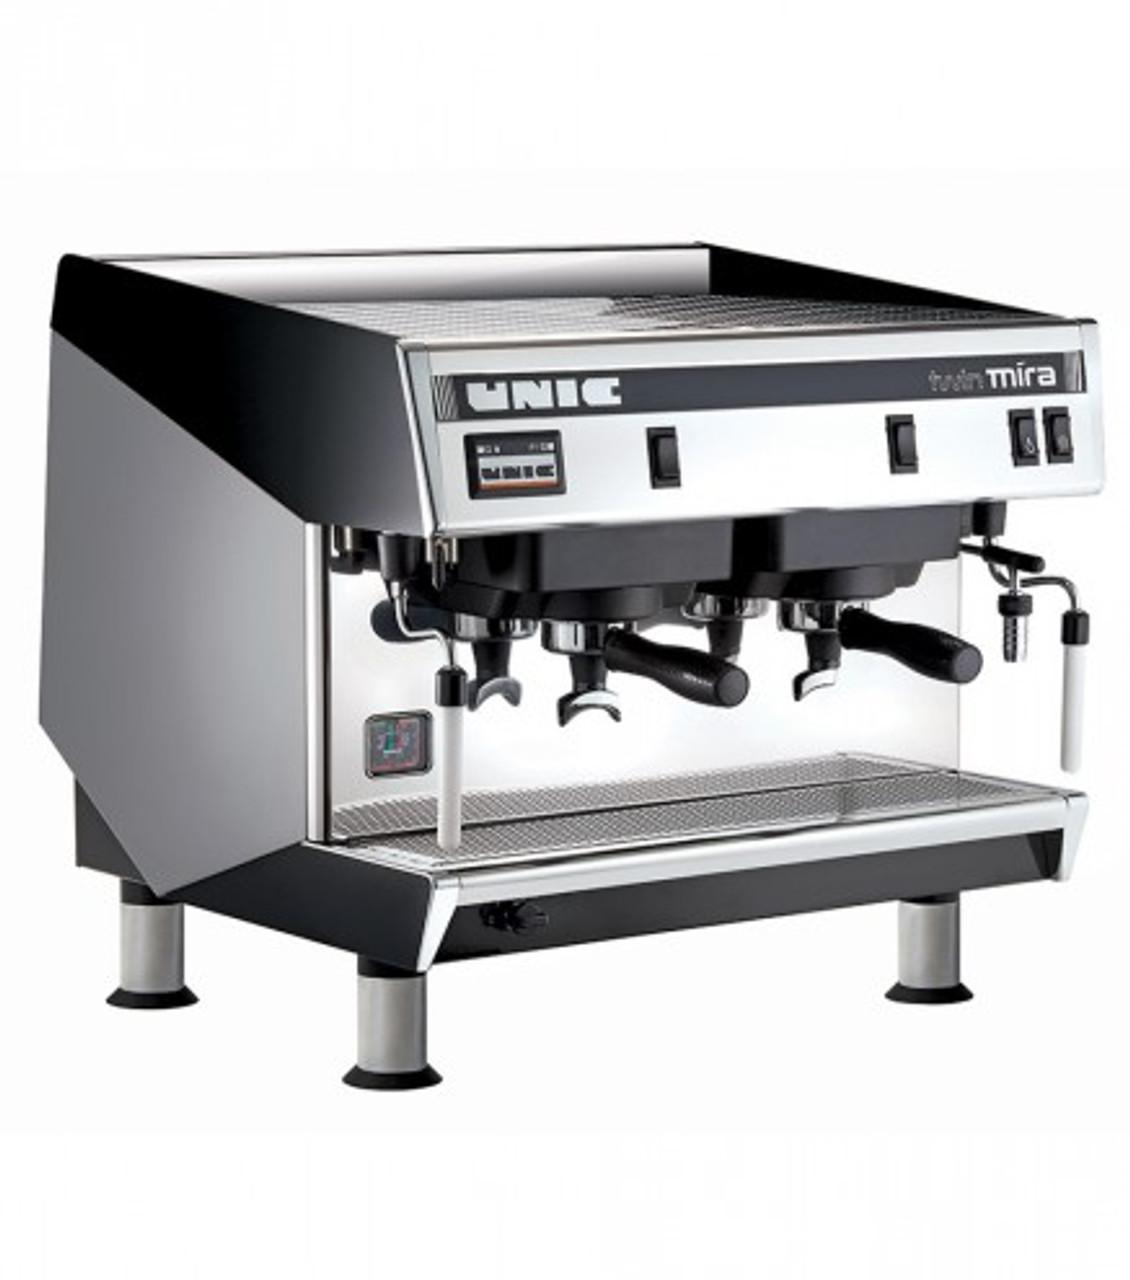 Unic Twin Mira Semi-Automatic Espresso Machine